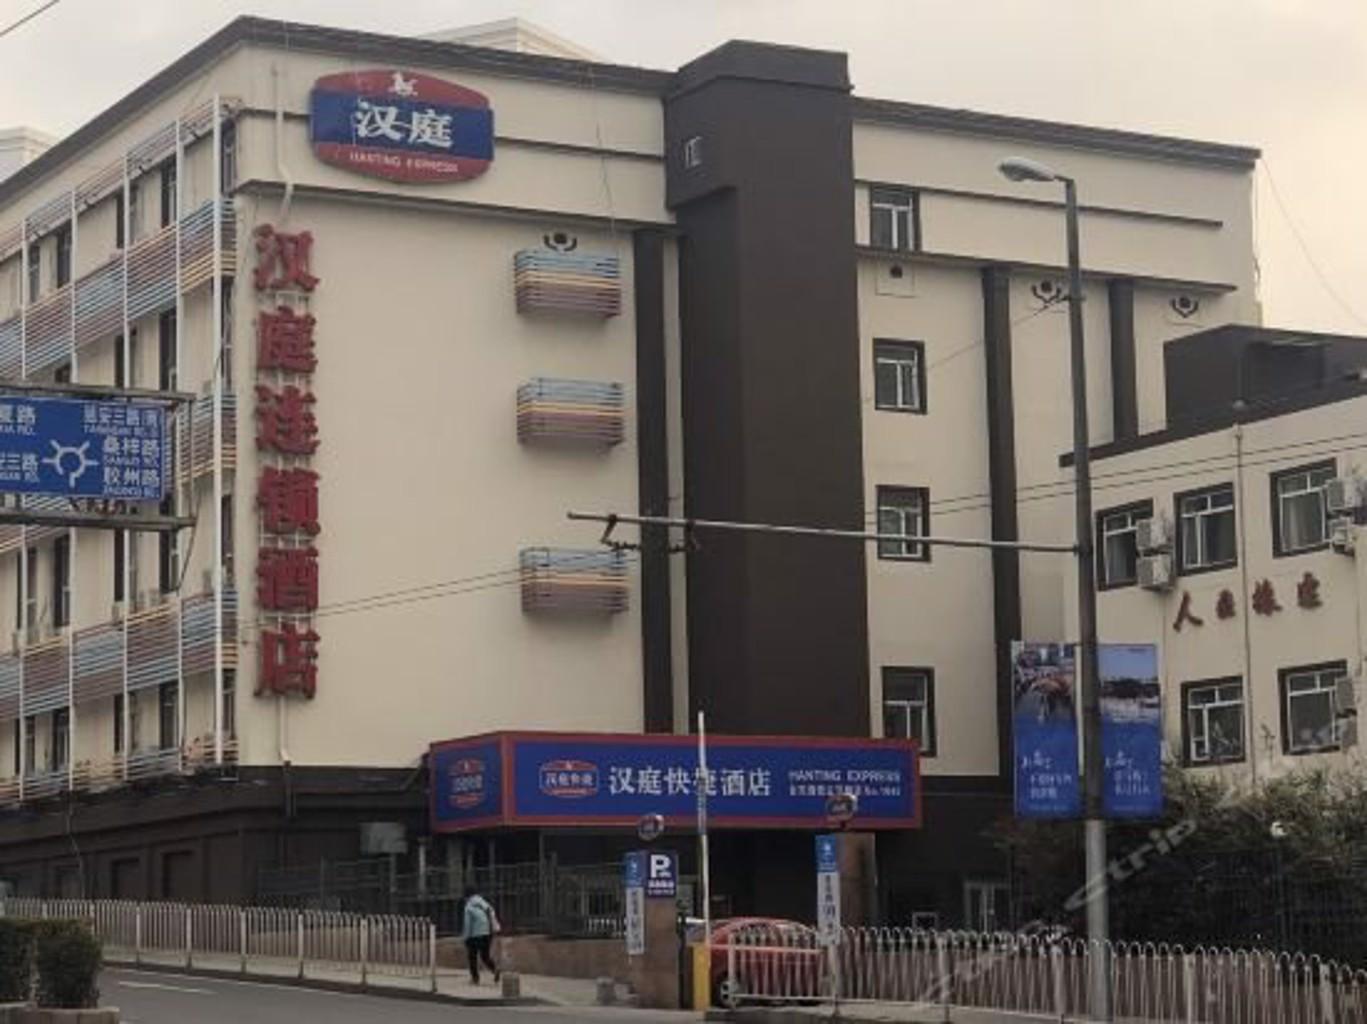 Hanting Express Hotel Qingdao Taidong Branch